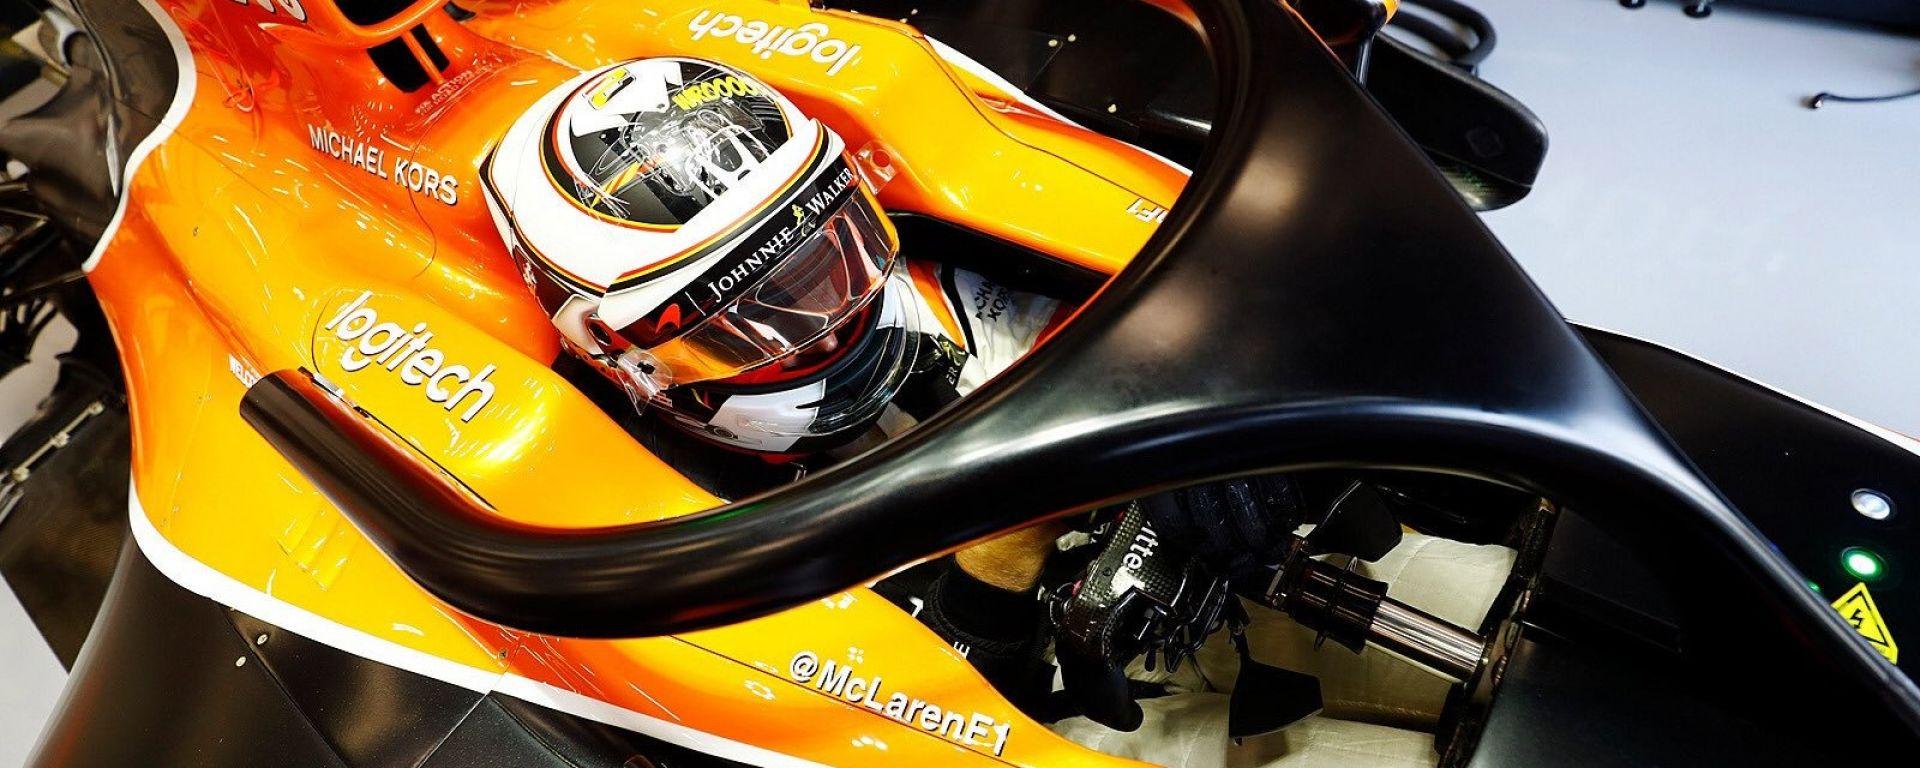 McLaren F1 Halo